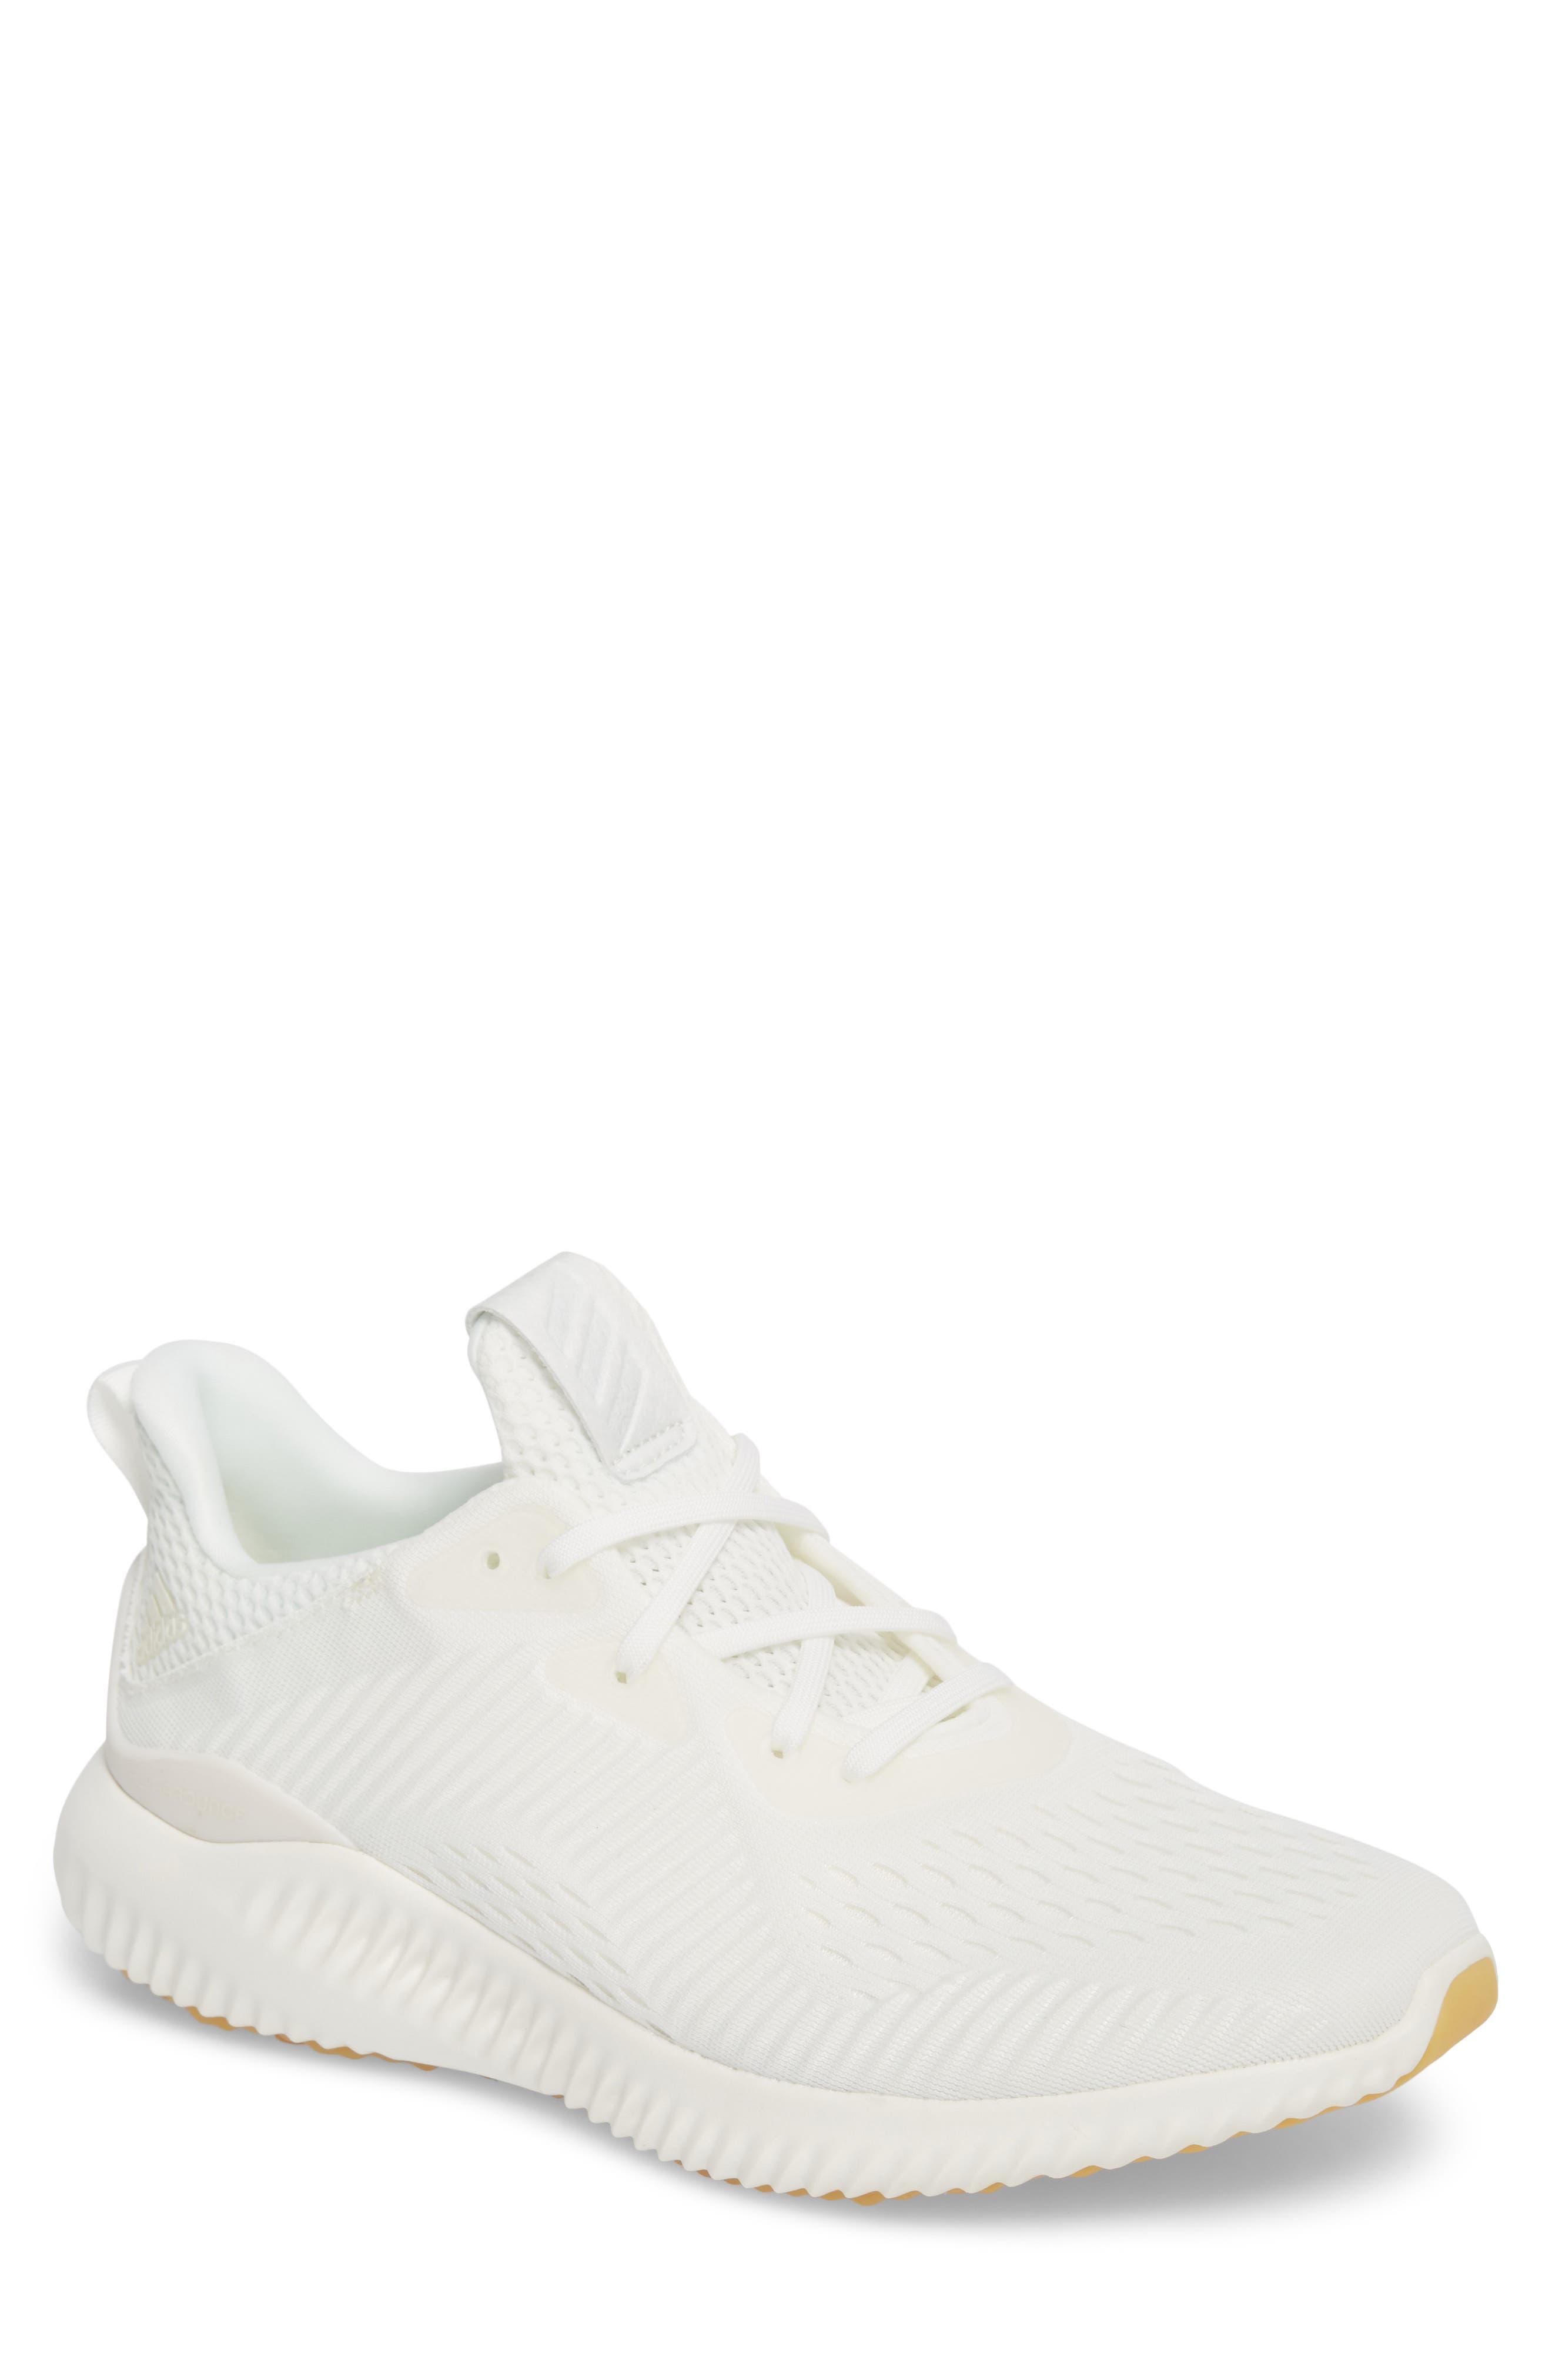 AlphaBounce EM Undye Running Shoe,                         Main,                         color, 035